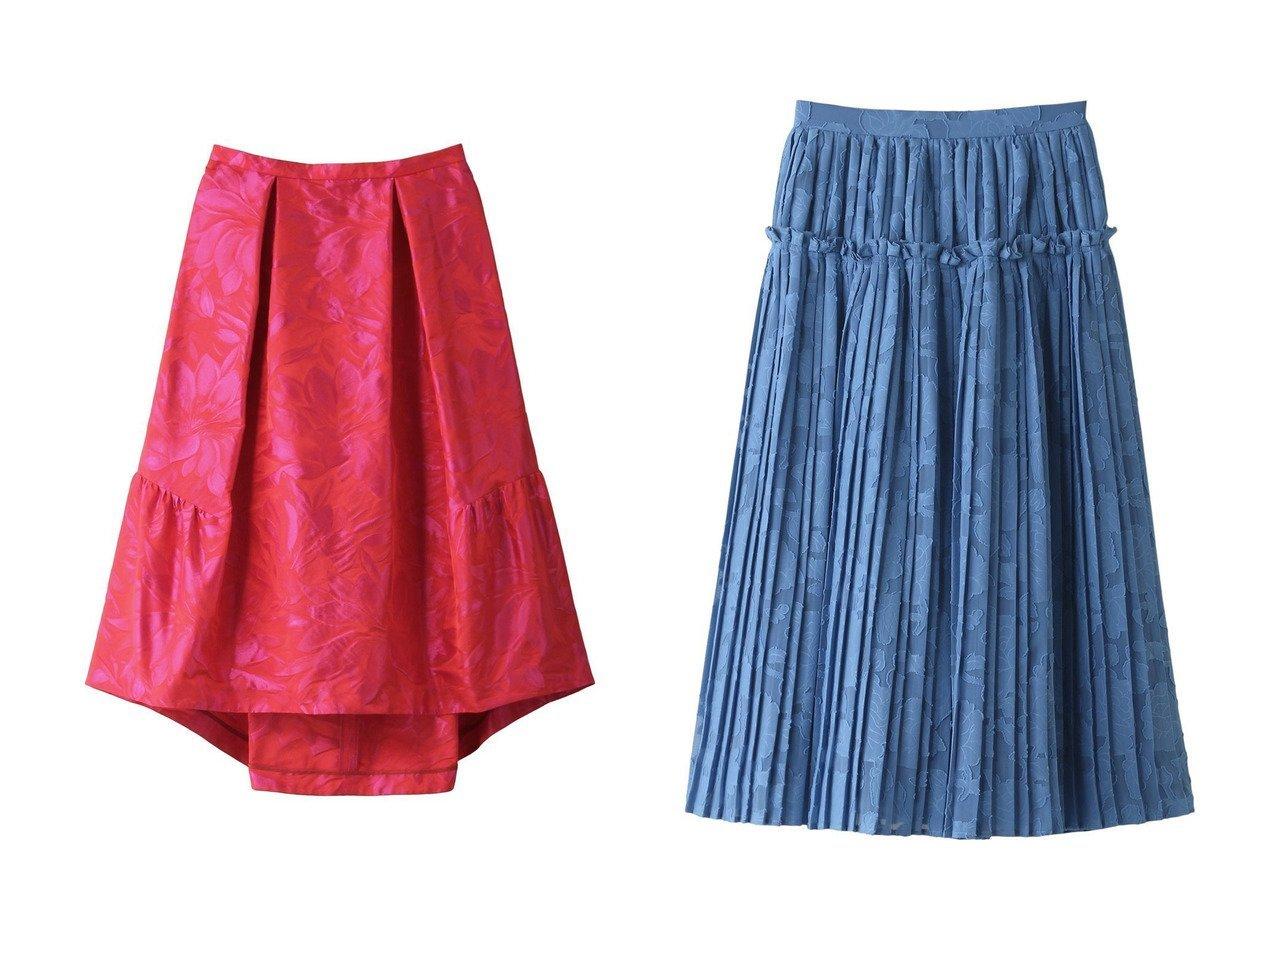 【LANVIN en Bleu/ランバン オン ブルー】のフラワージャガードタックスカート&フラワーシフォンプリーツスカート 【スカート】おすすめ!人気トレンド・レディースファッション通販 おすすめで人気の流行・トレンド、ファッションの通販商品 インテリア・家具・メンズファッション・キッズファッション・レディースファッション・服の通販 founy(ファニー) https://founy.com/ ファッション Fashion レディースファッション WOMEN スカート Skirt プリーツスカート Pleated Skirts ロングスカート Long Skirt 2021年 2021 2021-2022秋冬・A/W AW・Autumn/Winter・FW・Fall-Winter・2021-2022 A/W・秋冬 AW・Autumn/Winter・FW・Fall-Winter おすすめ Recommend ギャザー ジャカード セットアップ パーティ フラワー エアリー シアー シフォン フリル プリーツ ロング  ID:crp329100000052931